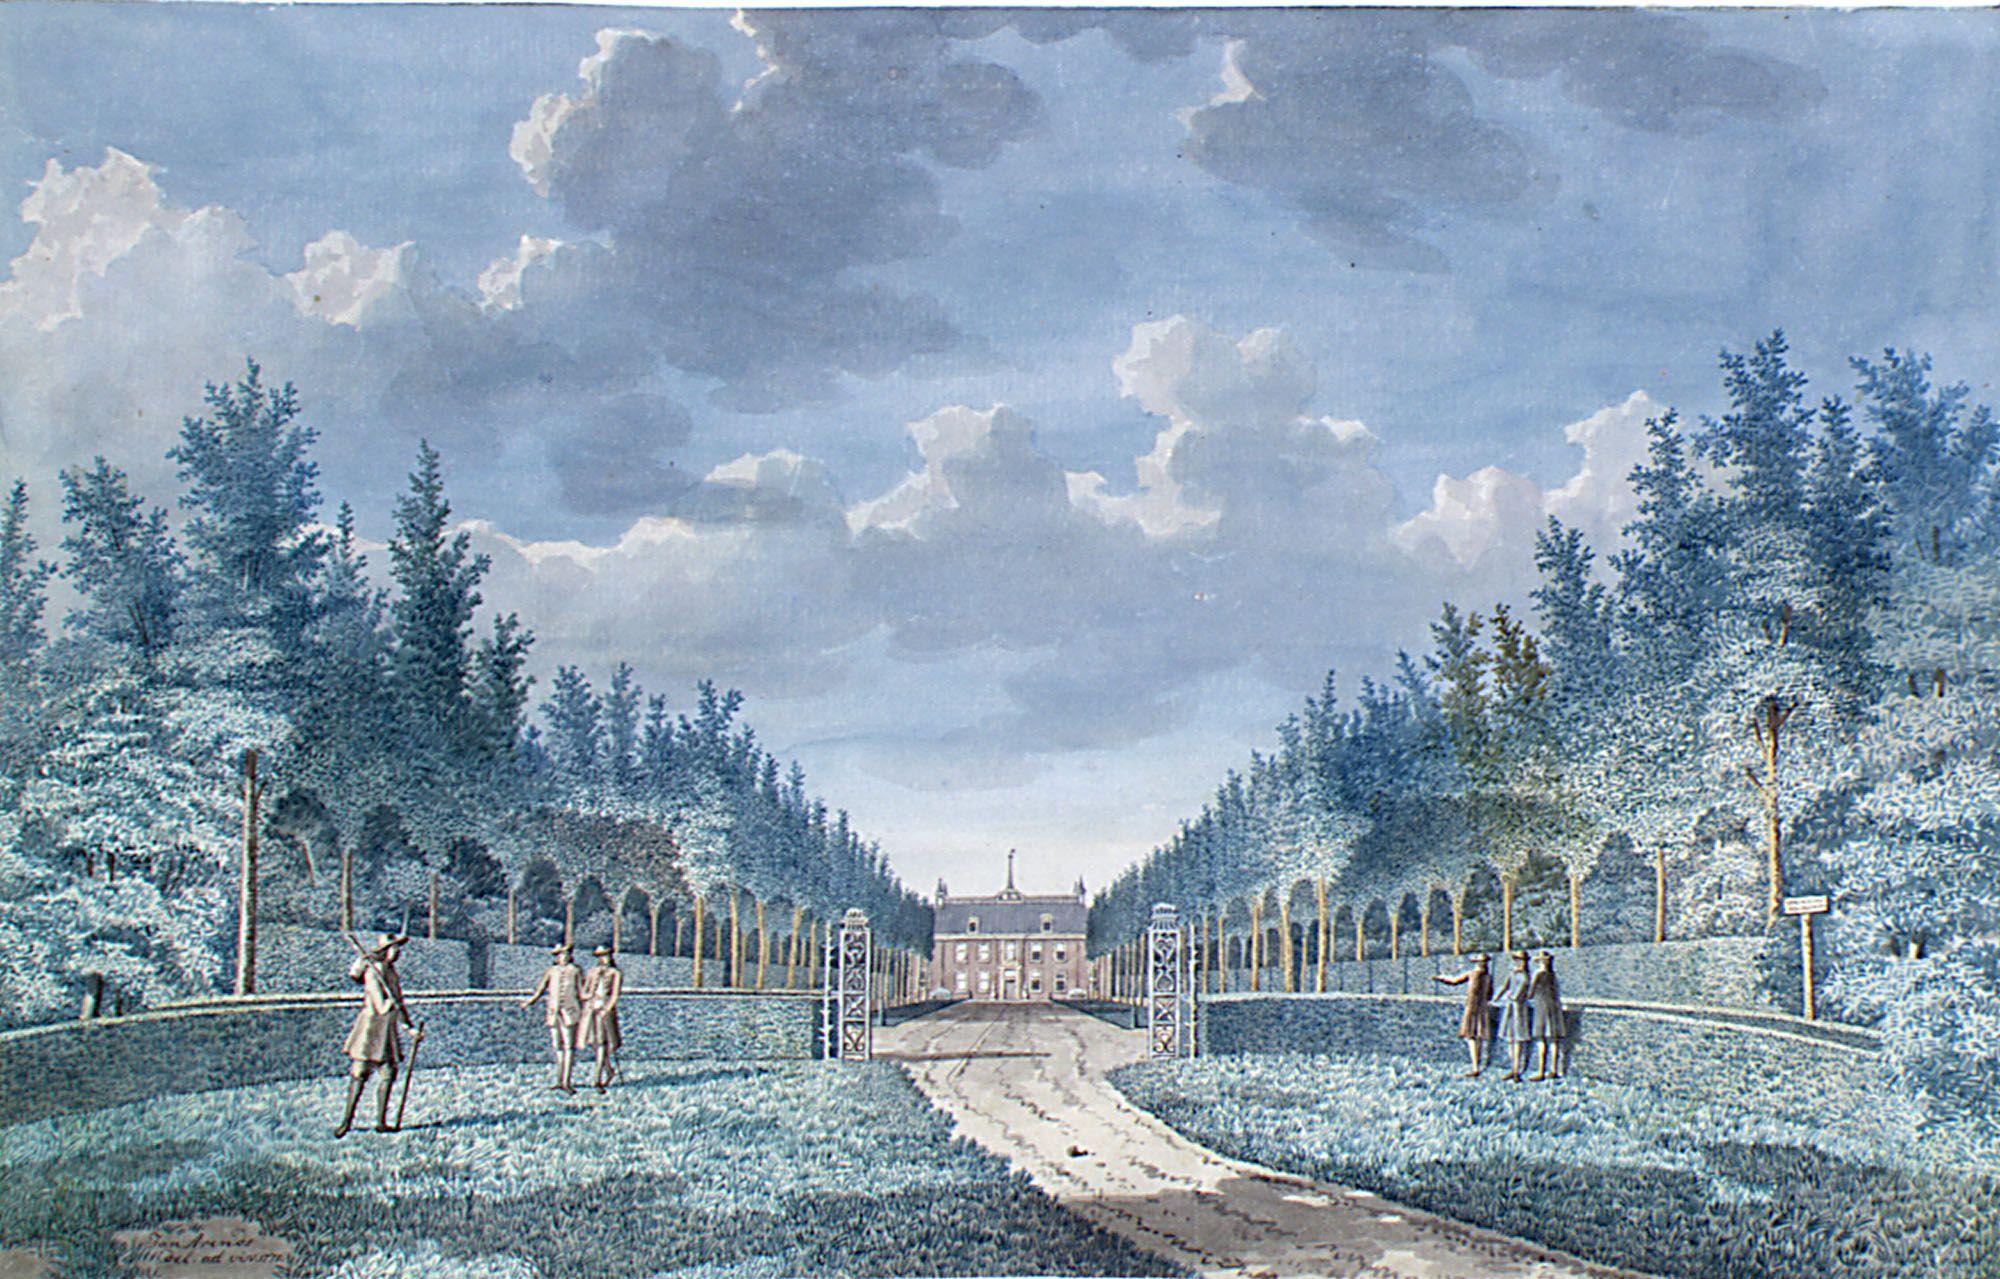 Gezicht op de oprijlaan van het huis Poppenroede Ambacht aan de Seisweg (nu Walcherseweg), Middelburg, in 1771. Tekening van Jan Arends. (Zeeuws Archief, collectie Zeeuws Genootschap, Zelandia Illustrata)